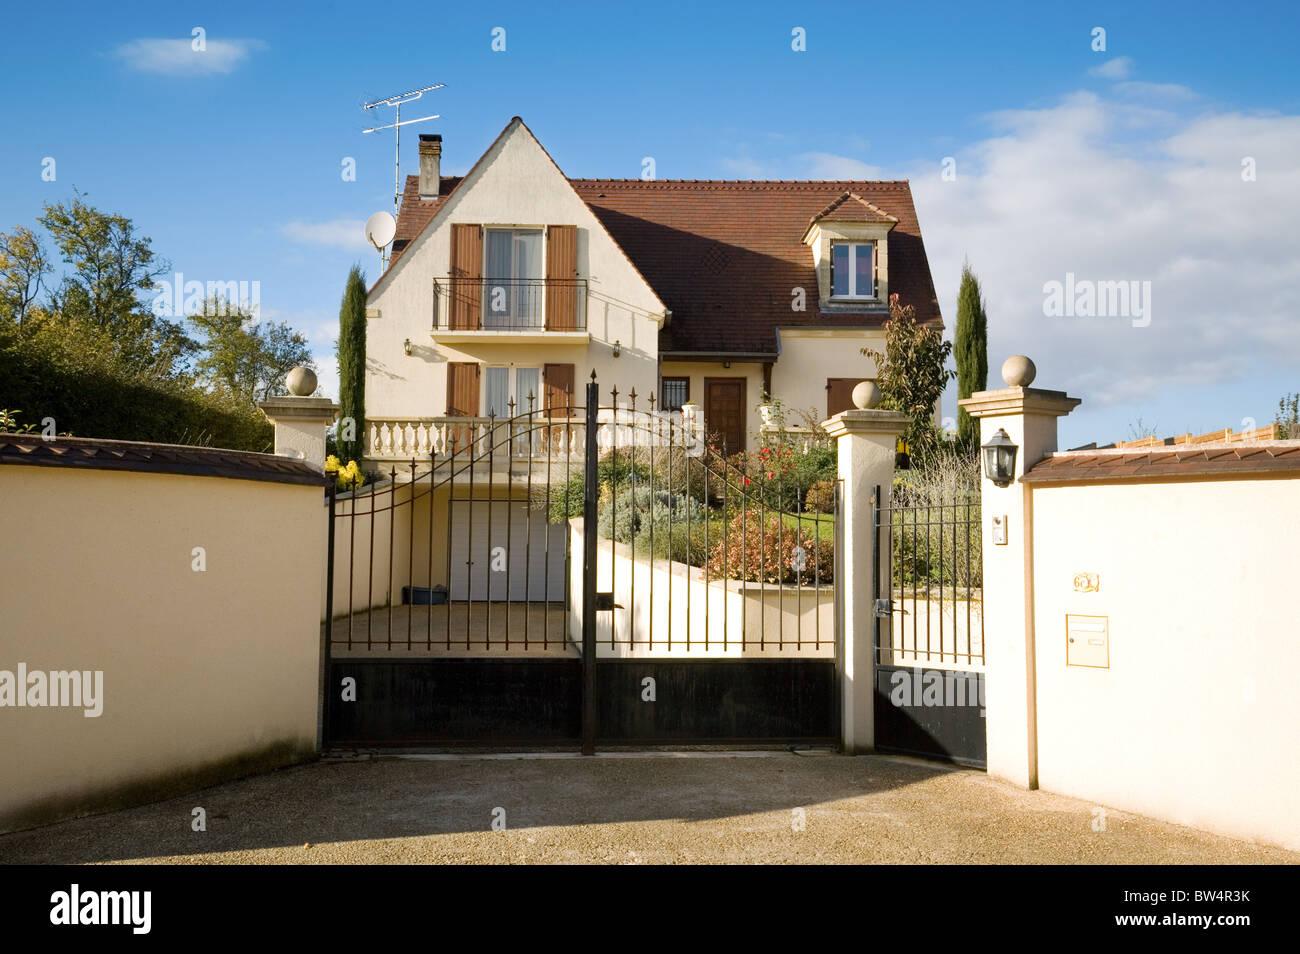 Una familia francesa moderna casa San Simeón village Ile de France en el norte de Francia Imagen De Stock